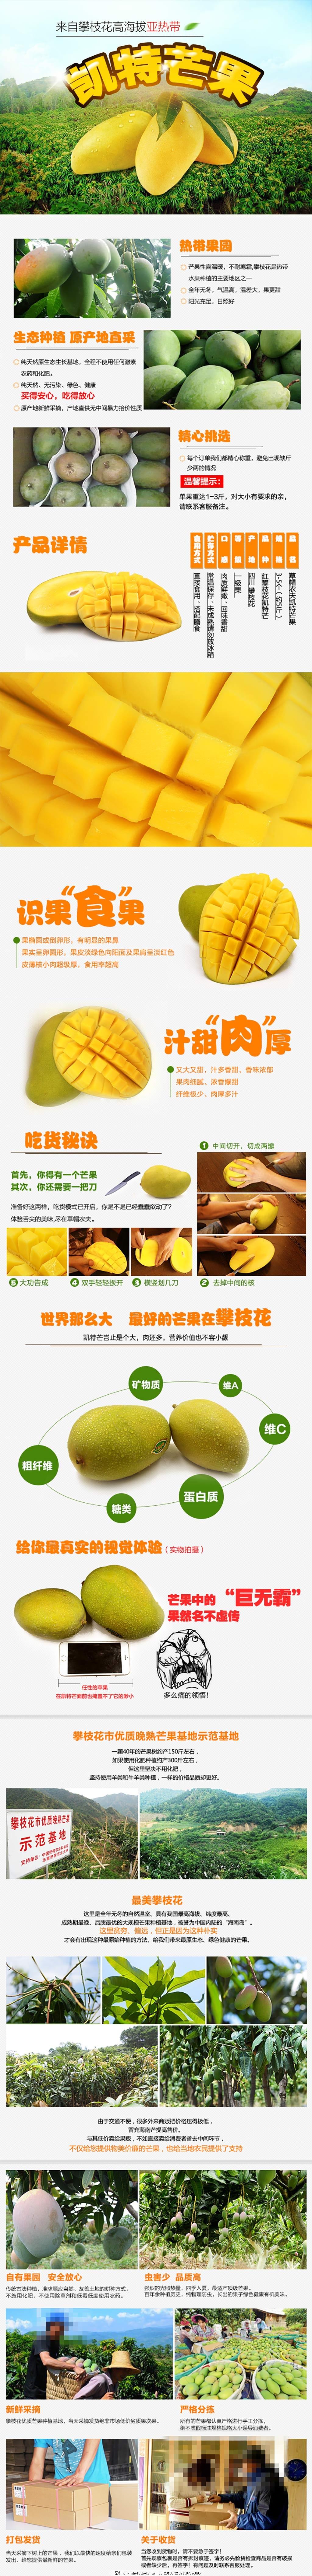 水果淘宝芒果详情页素材